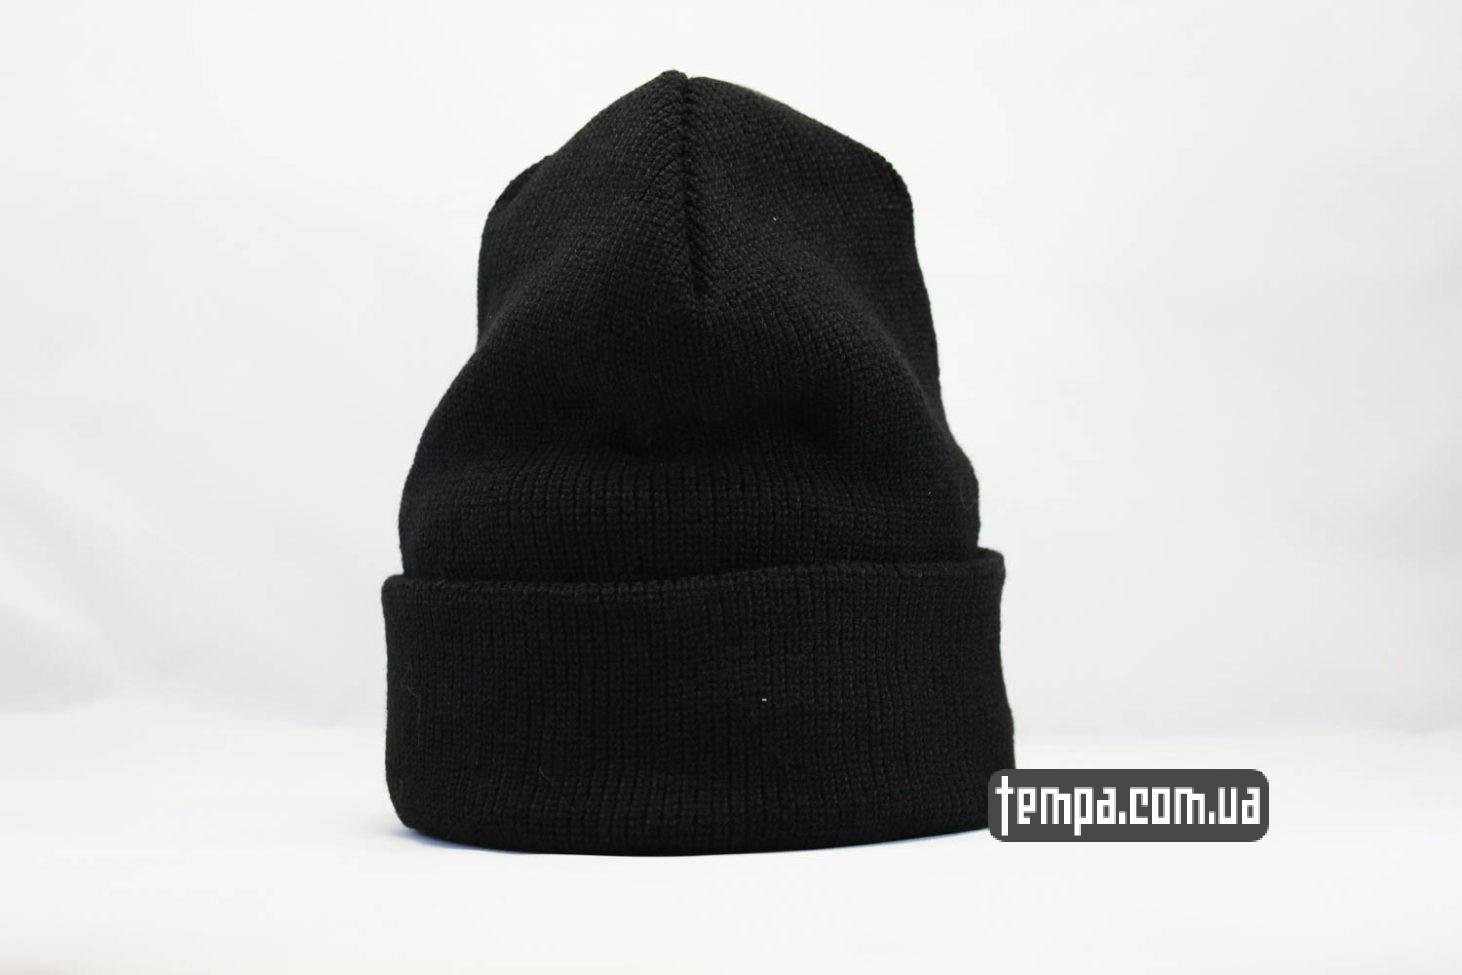 брикстон украина купить шапрка beanie BRIXTON mfg company черная с индейцем